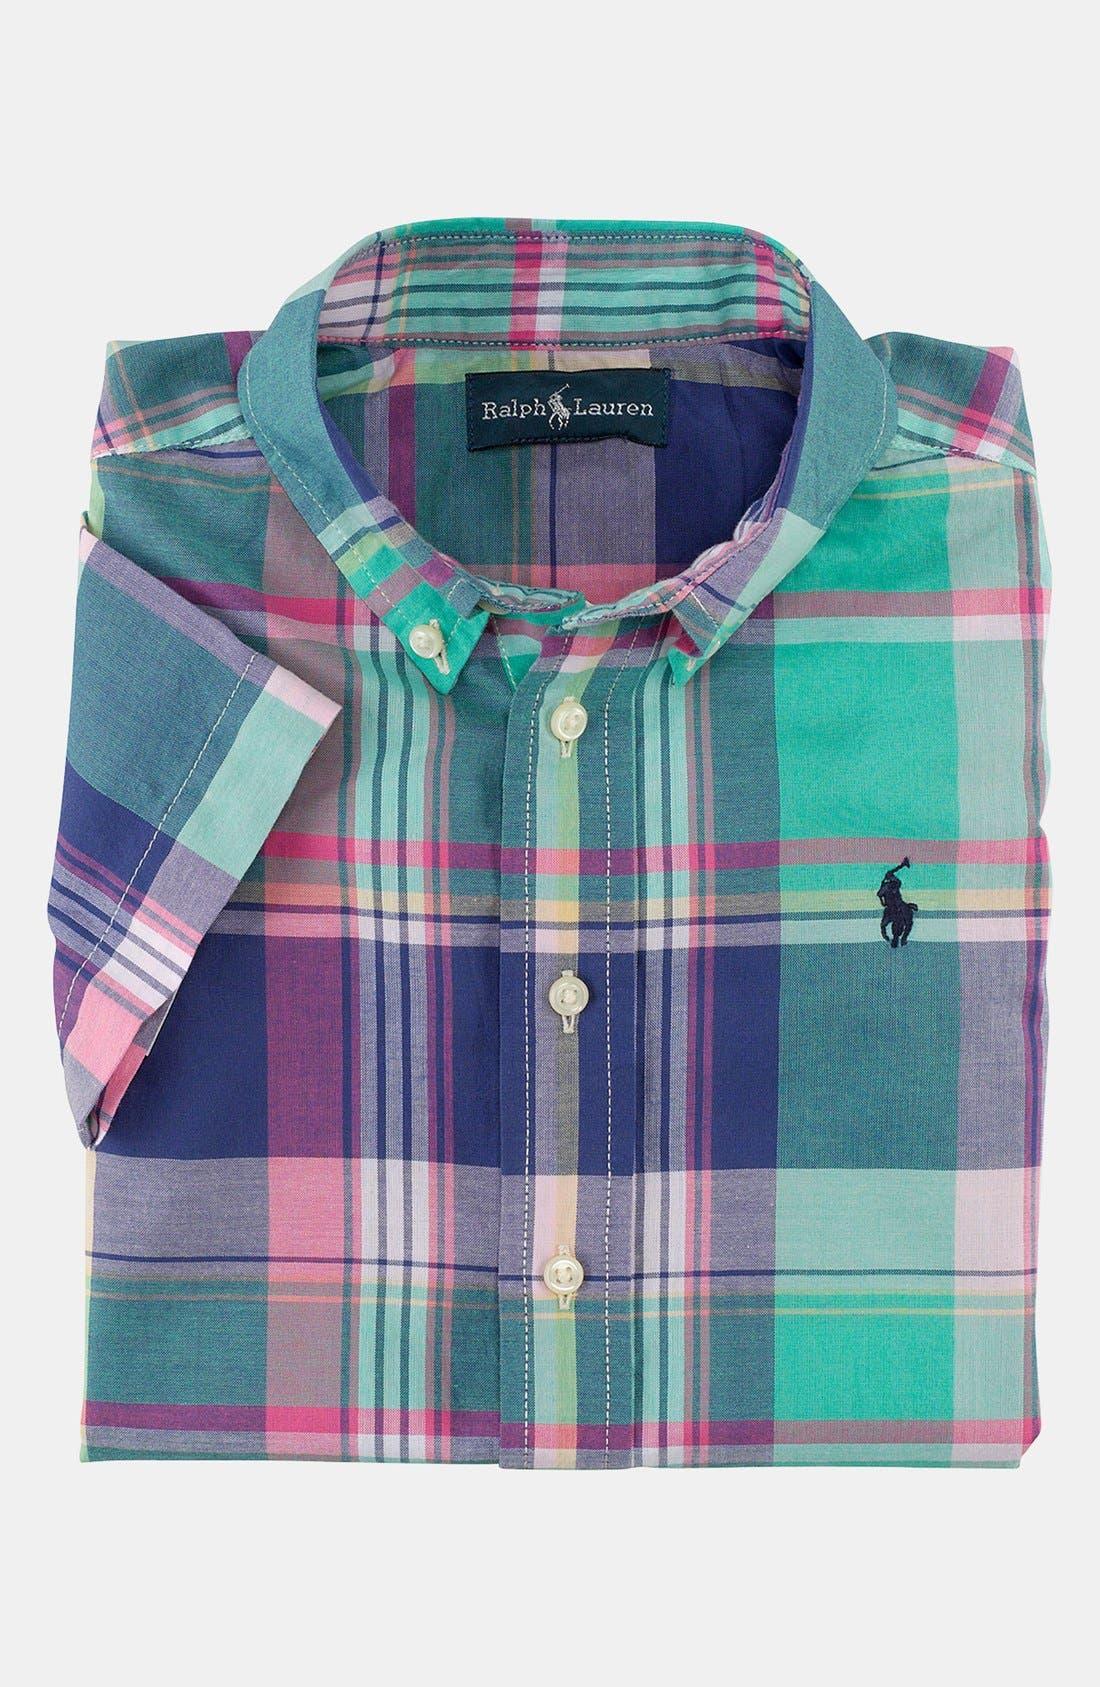 Alternate Image 1 Selected - Ralph Lauren Short Sleeve Sport Shirt (Toddler Boys)